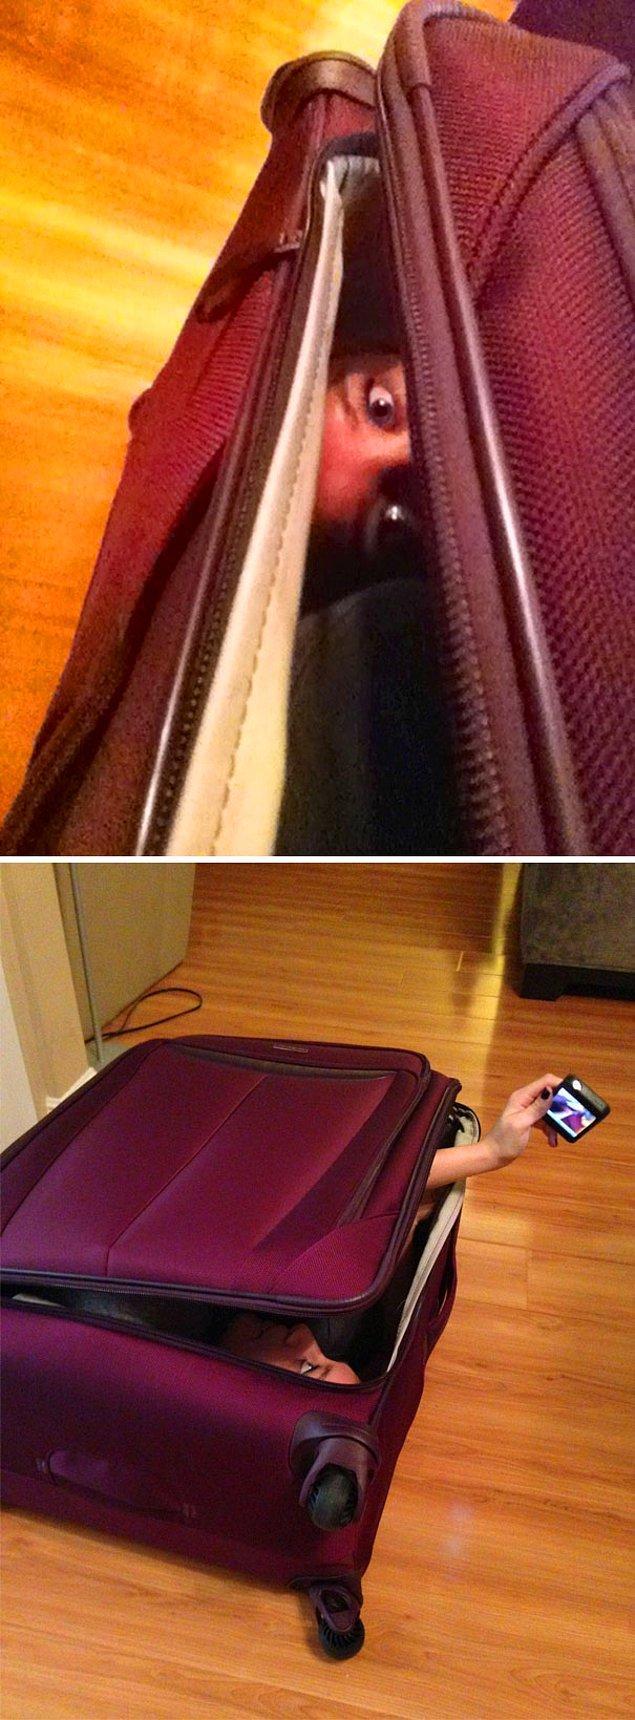 """31. """"Kocam yeni bavuluma sığıp sığamayacağım konusunda bana meydan okudu. Ona bu fotoğrafı gönderdim."""""""